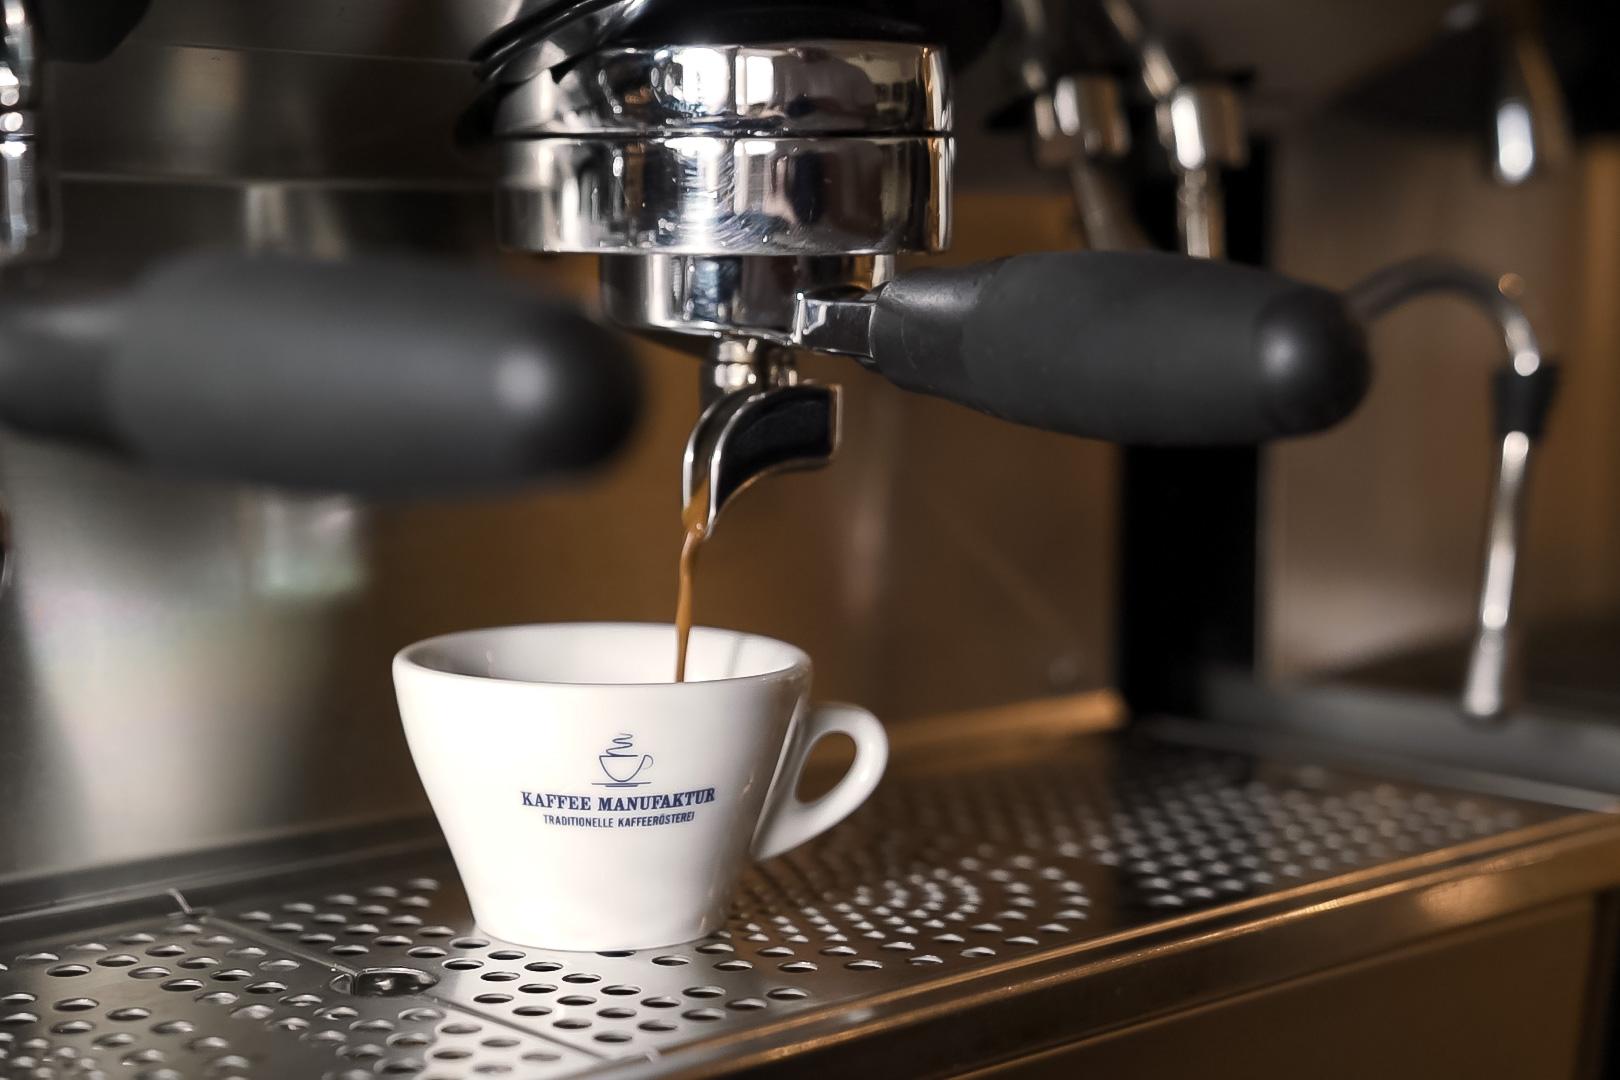 Kaffee läuft aus der Maschine in eine weiße Tasse.